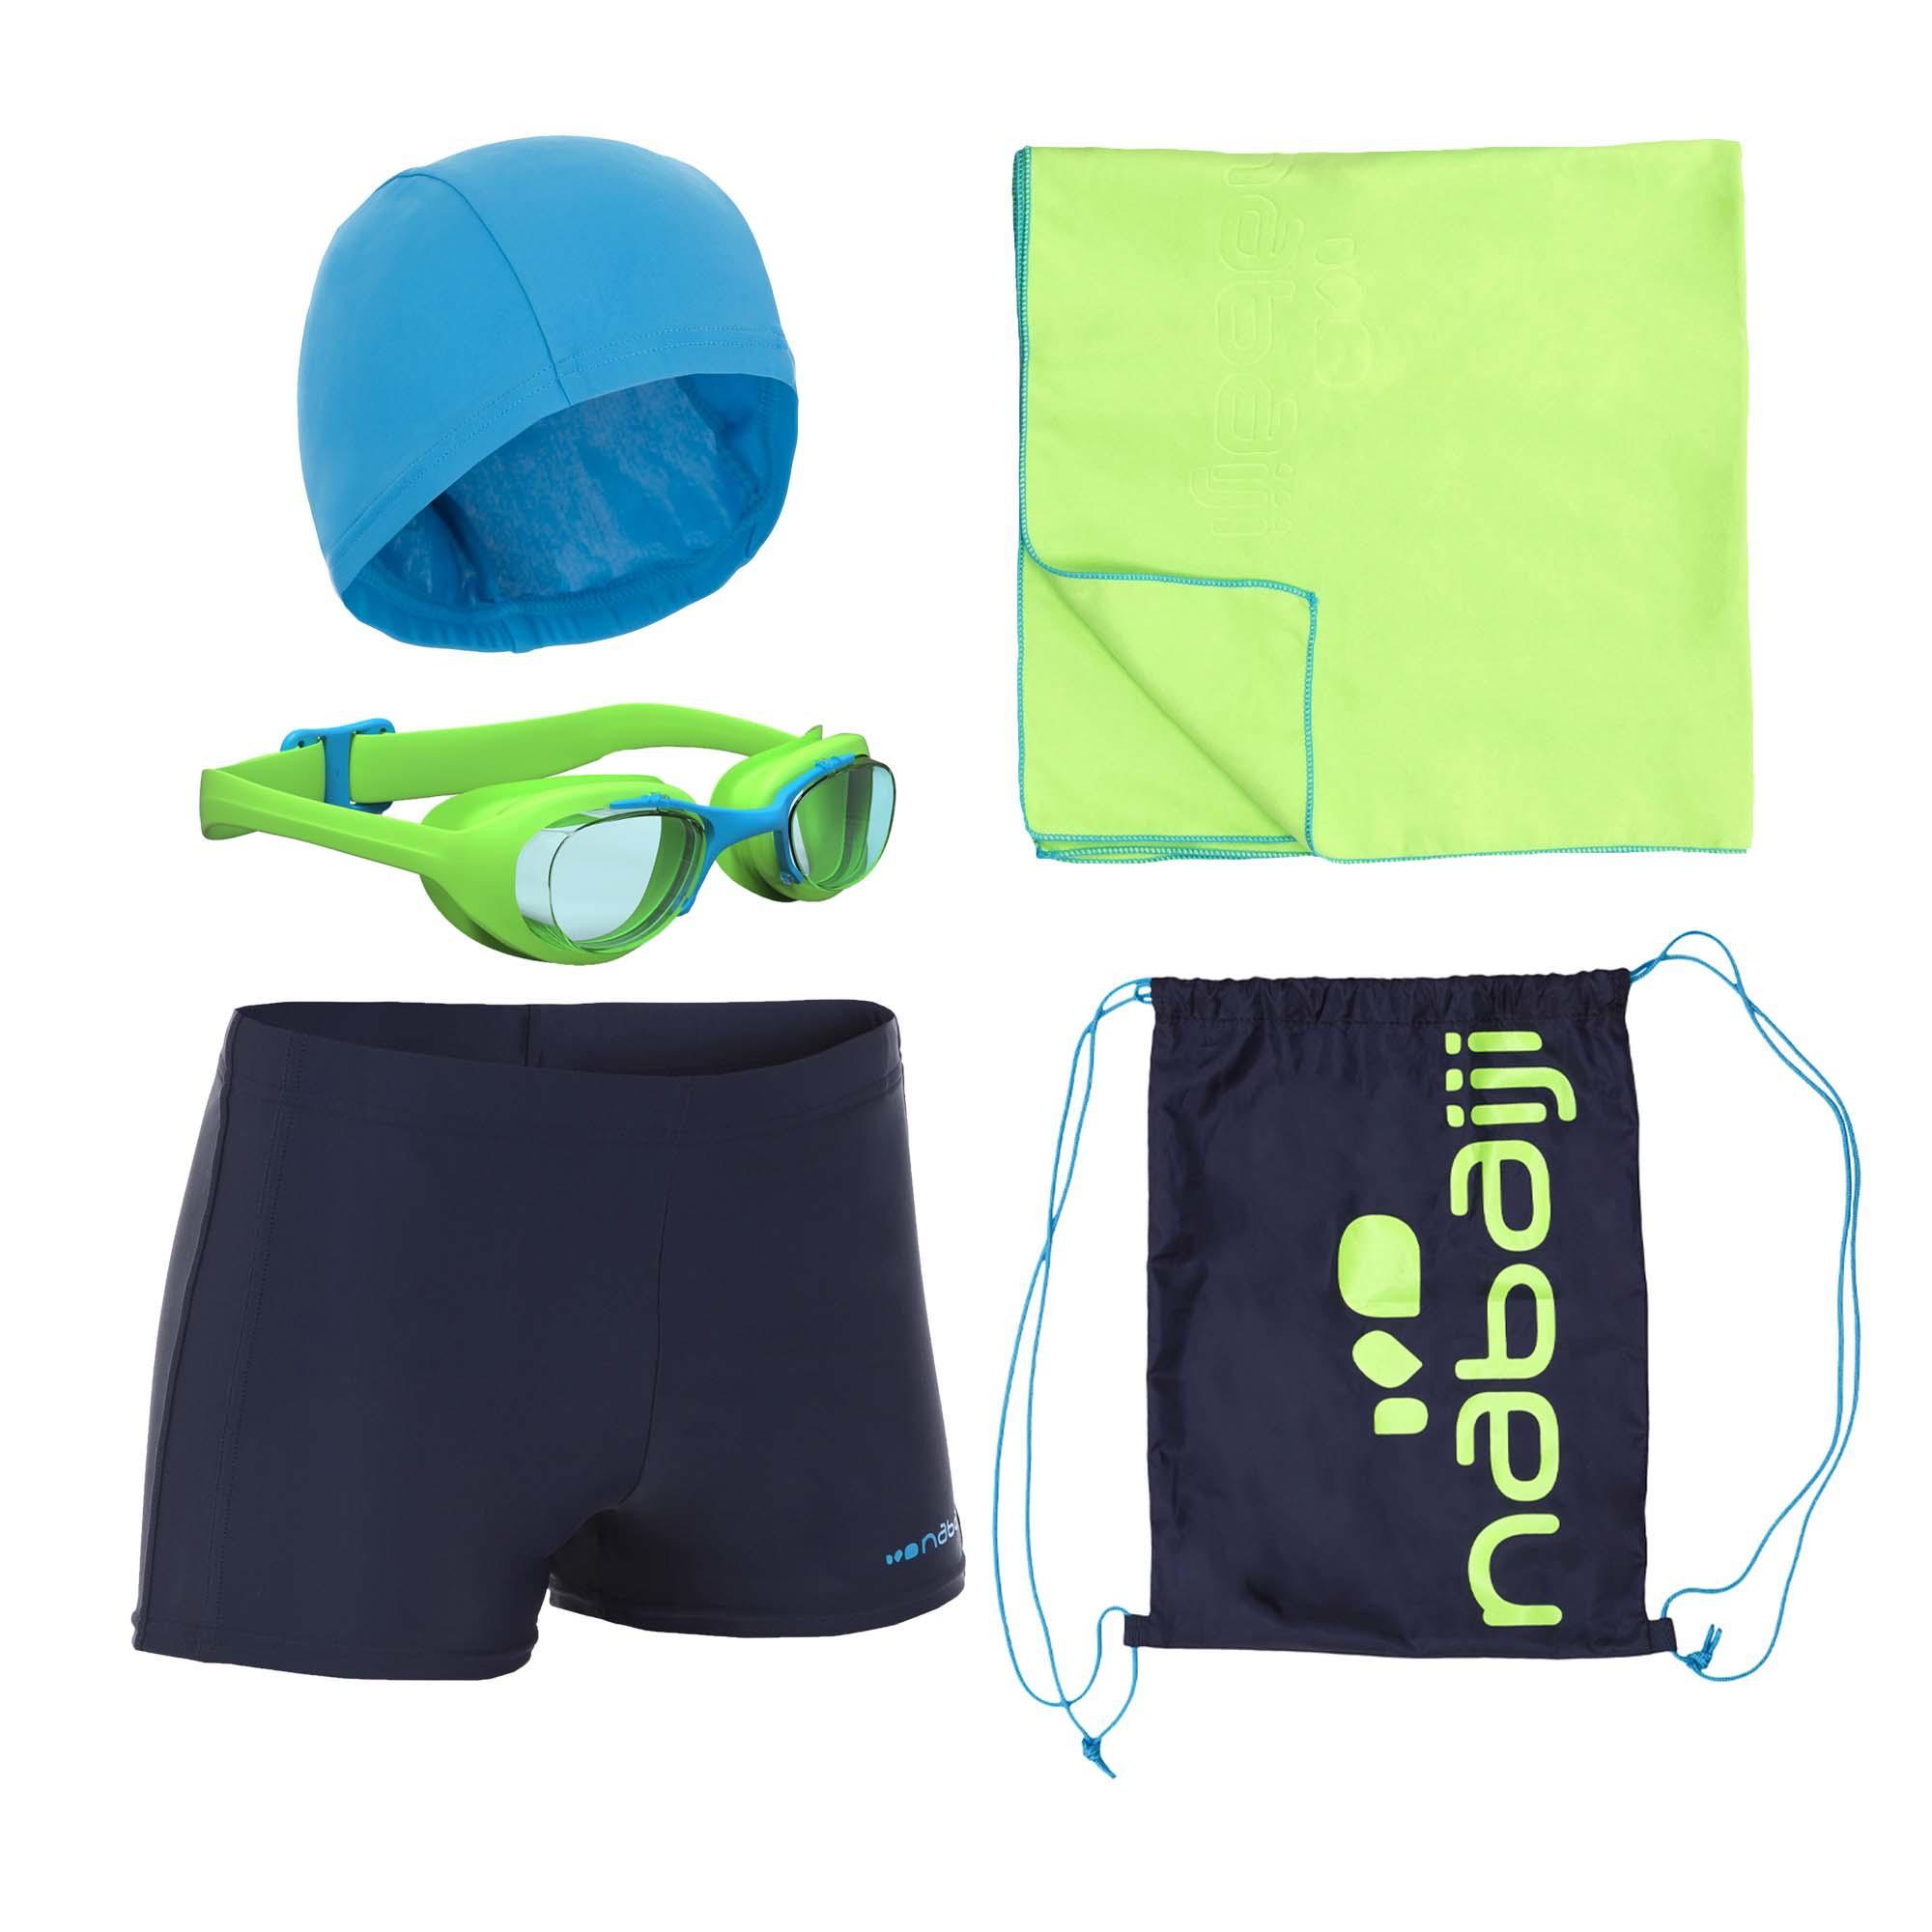 231369abffbf4d Nabaiji Zwemset B Active Zwembroek Zwembrilletje Badmuts Handdoek Zwemtas  nabaiji kopen in de aanbieding